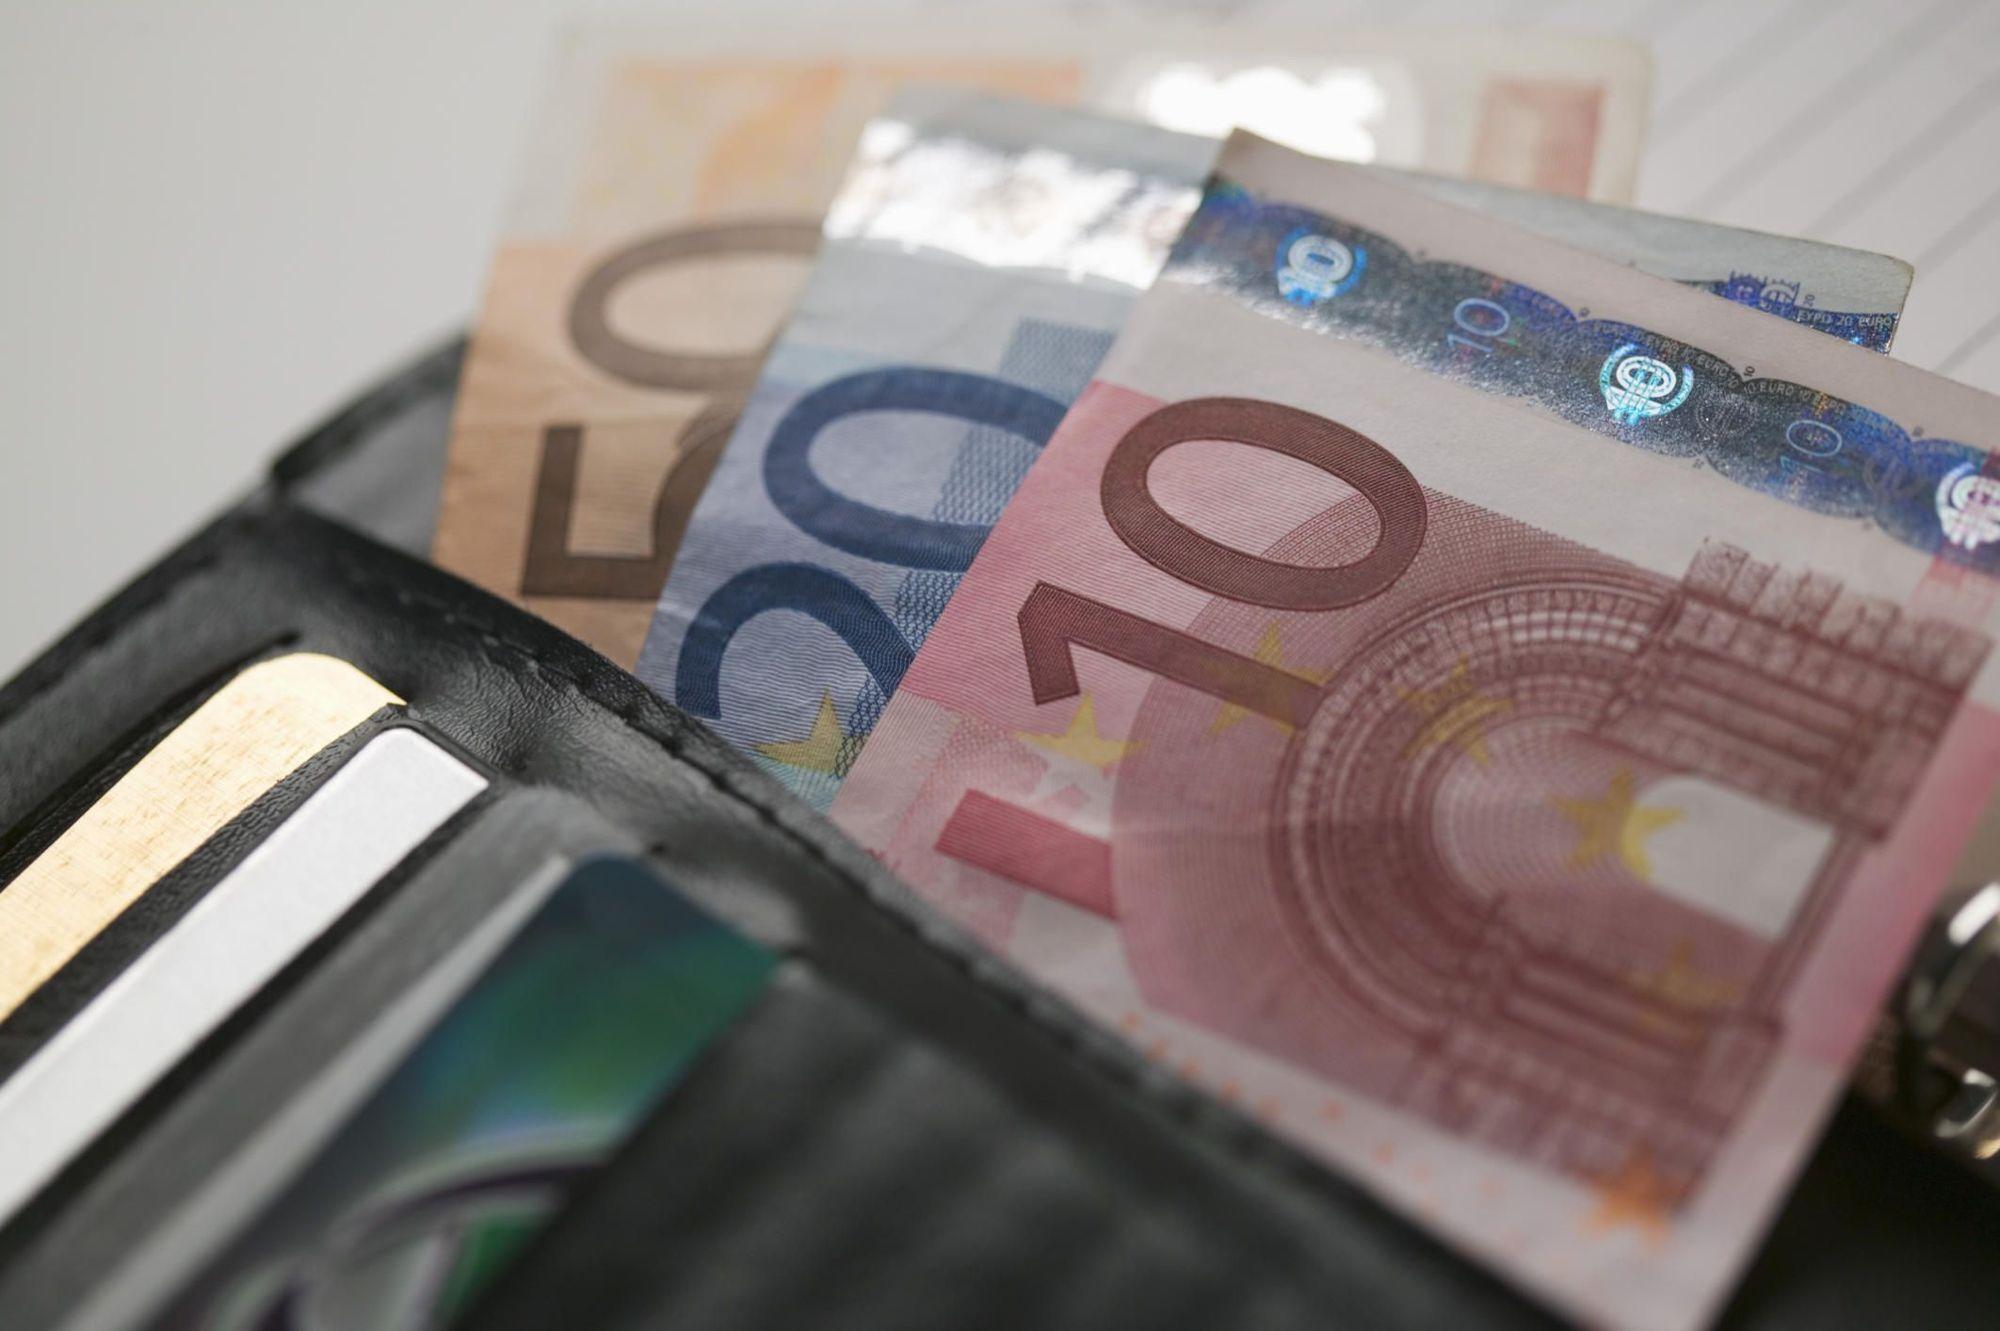 συντάξεις λεφτά πληρωμές ΕΦΚΑ